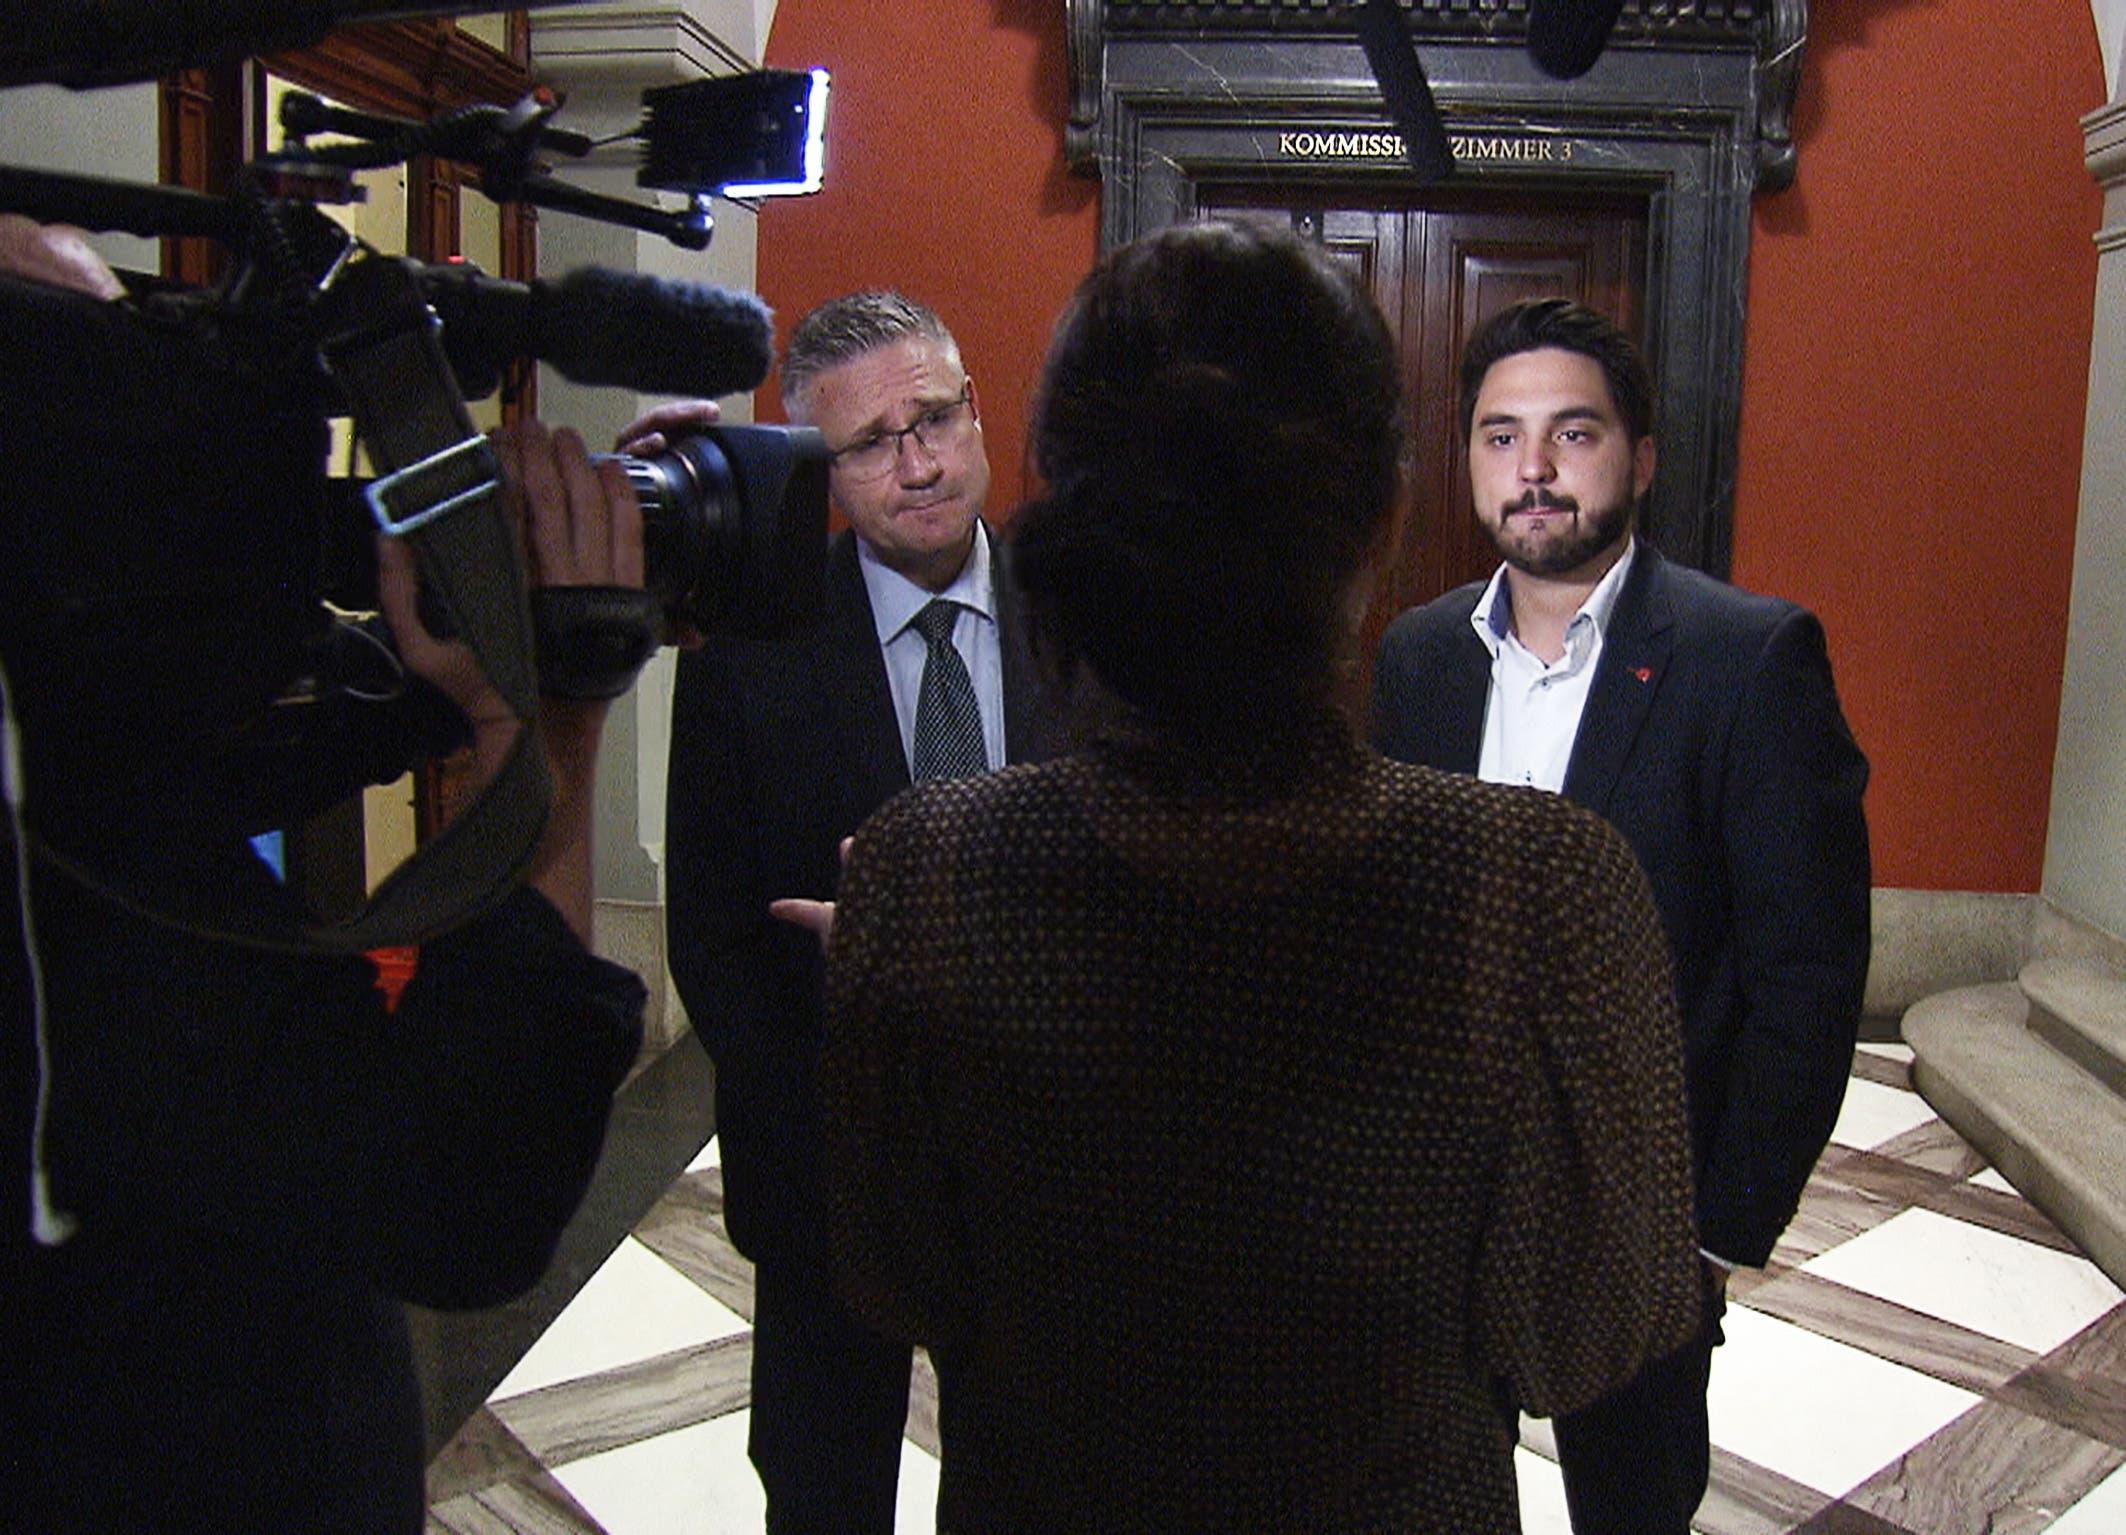 Dokumentarfilmerin Karin Bauer stellt Fragen vor dem Kommissionszimmer.